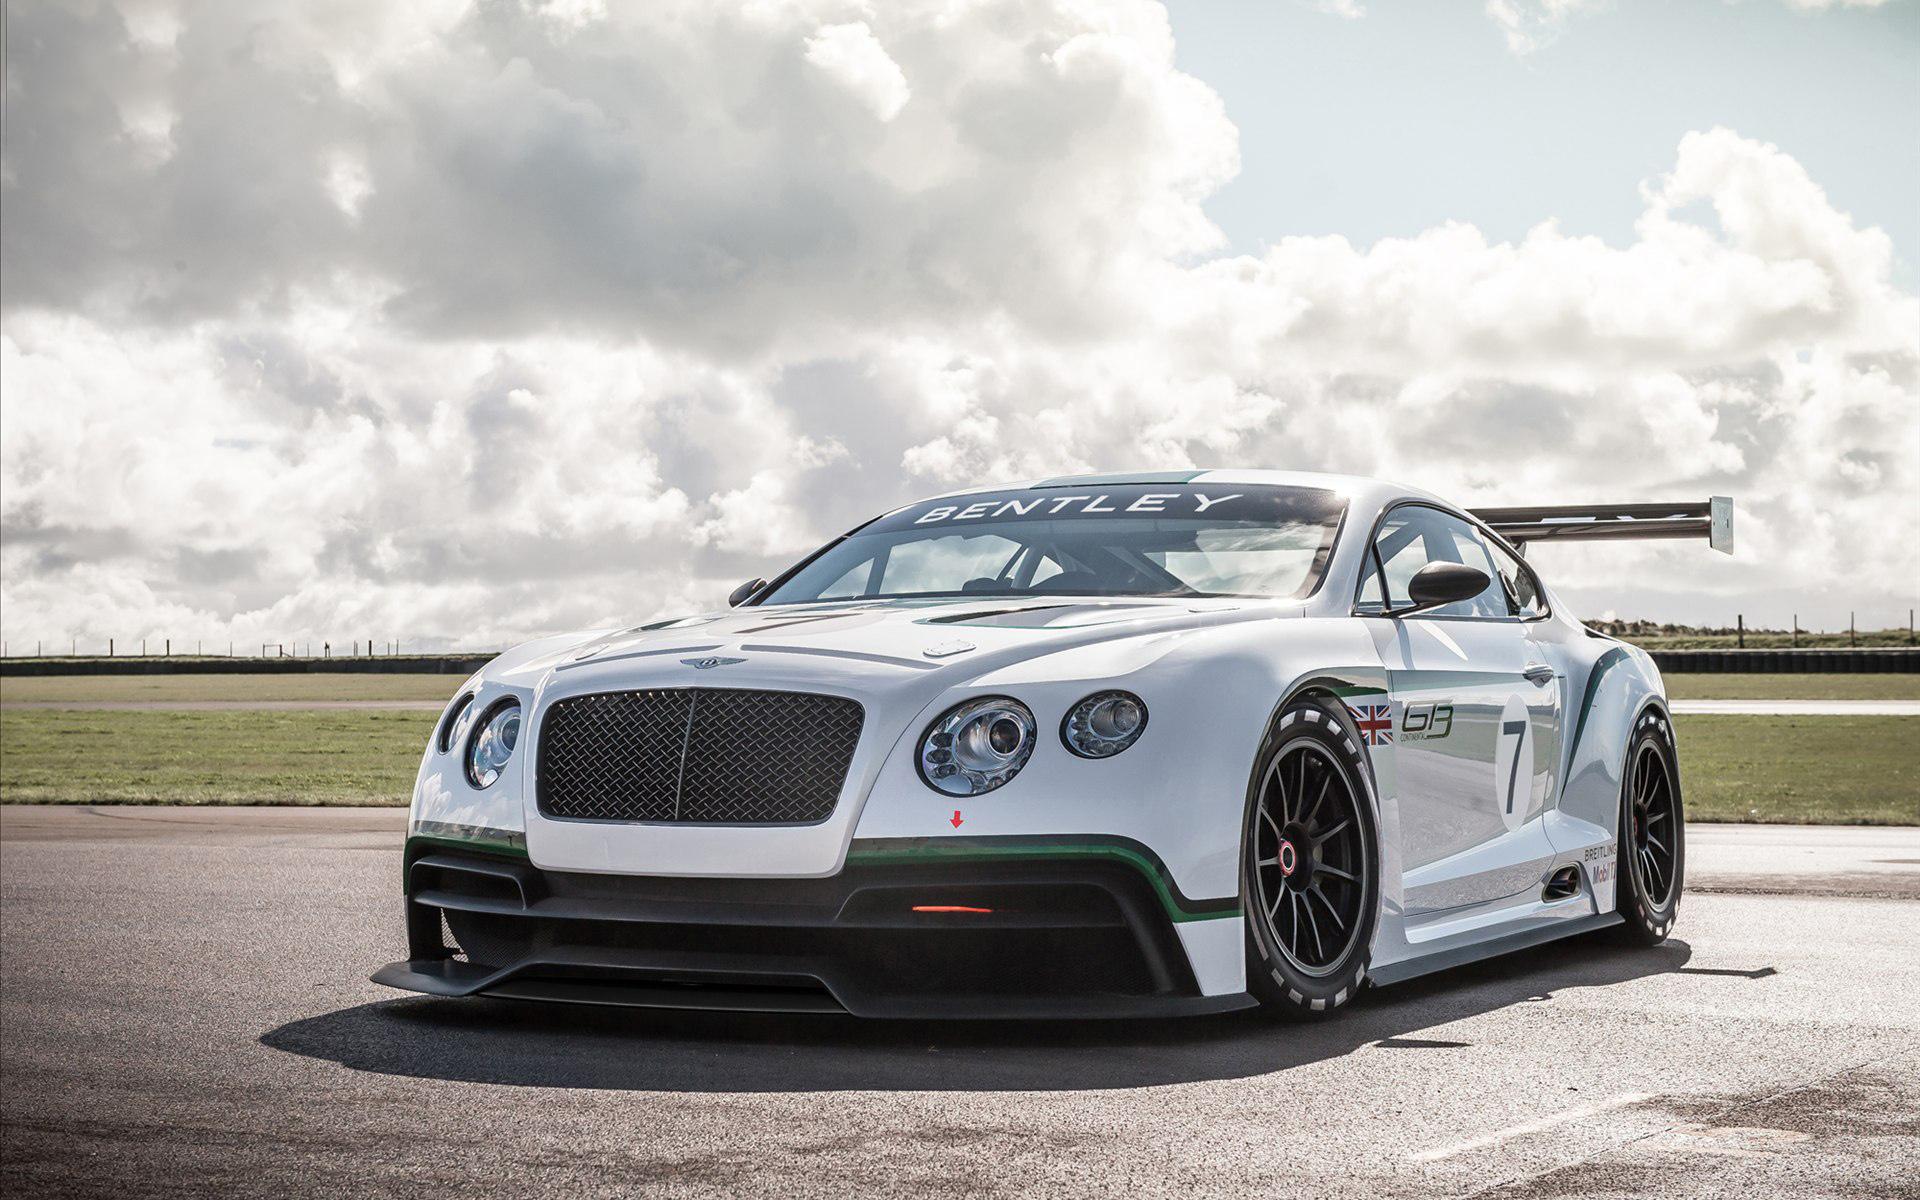 bentley continental gt3 concept racer wide